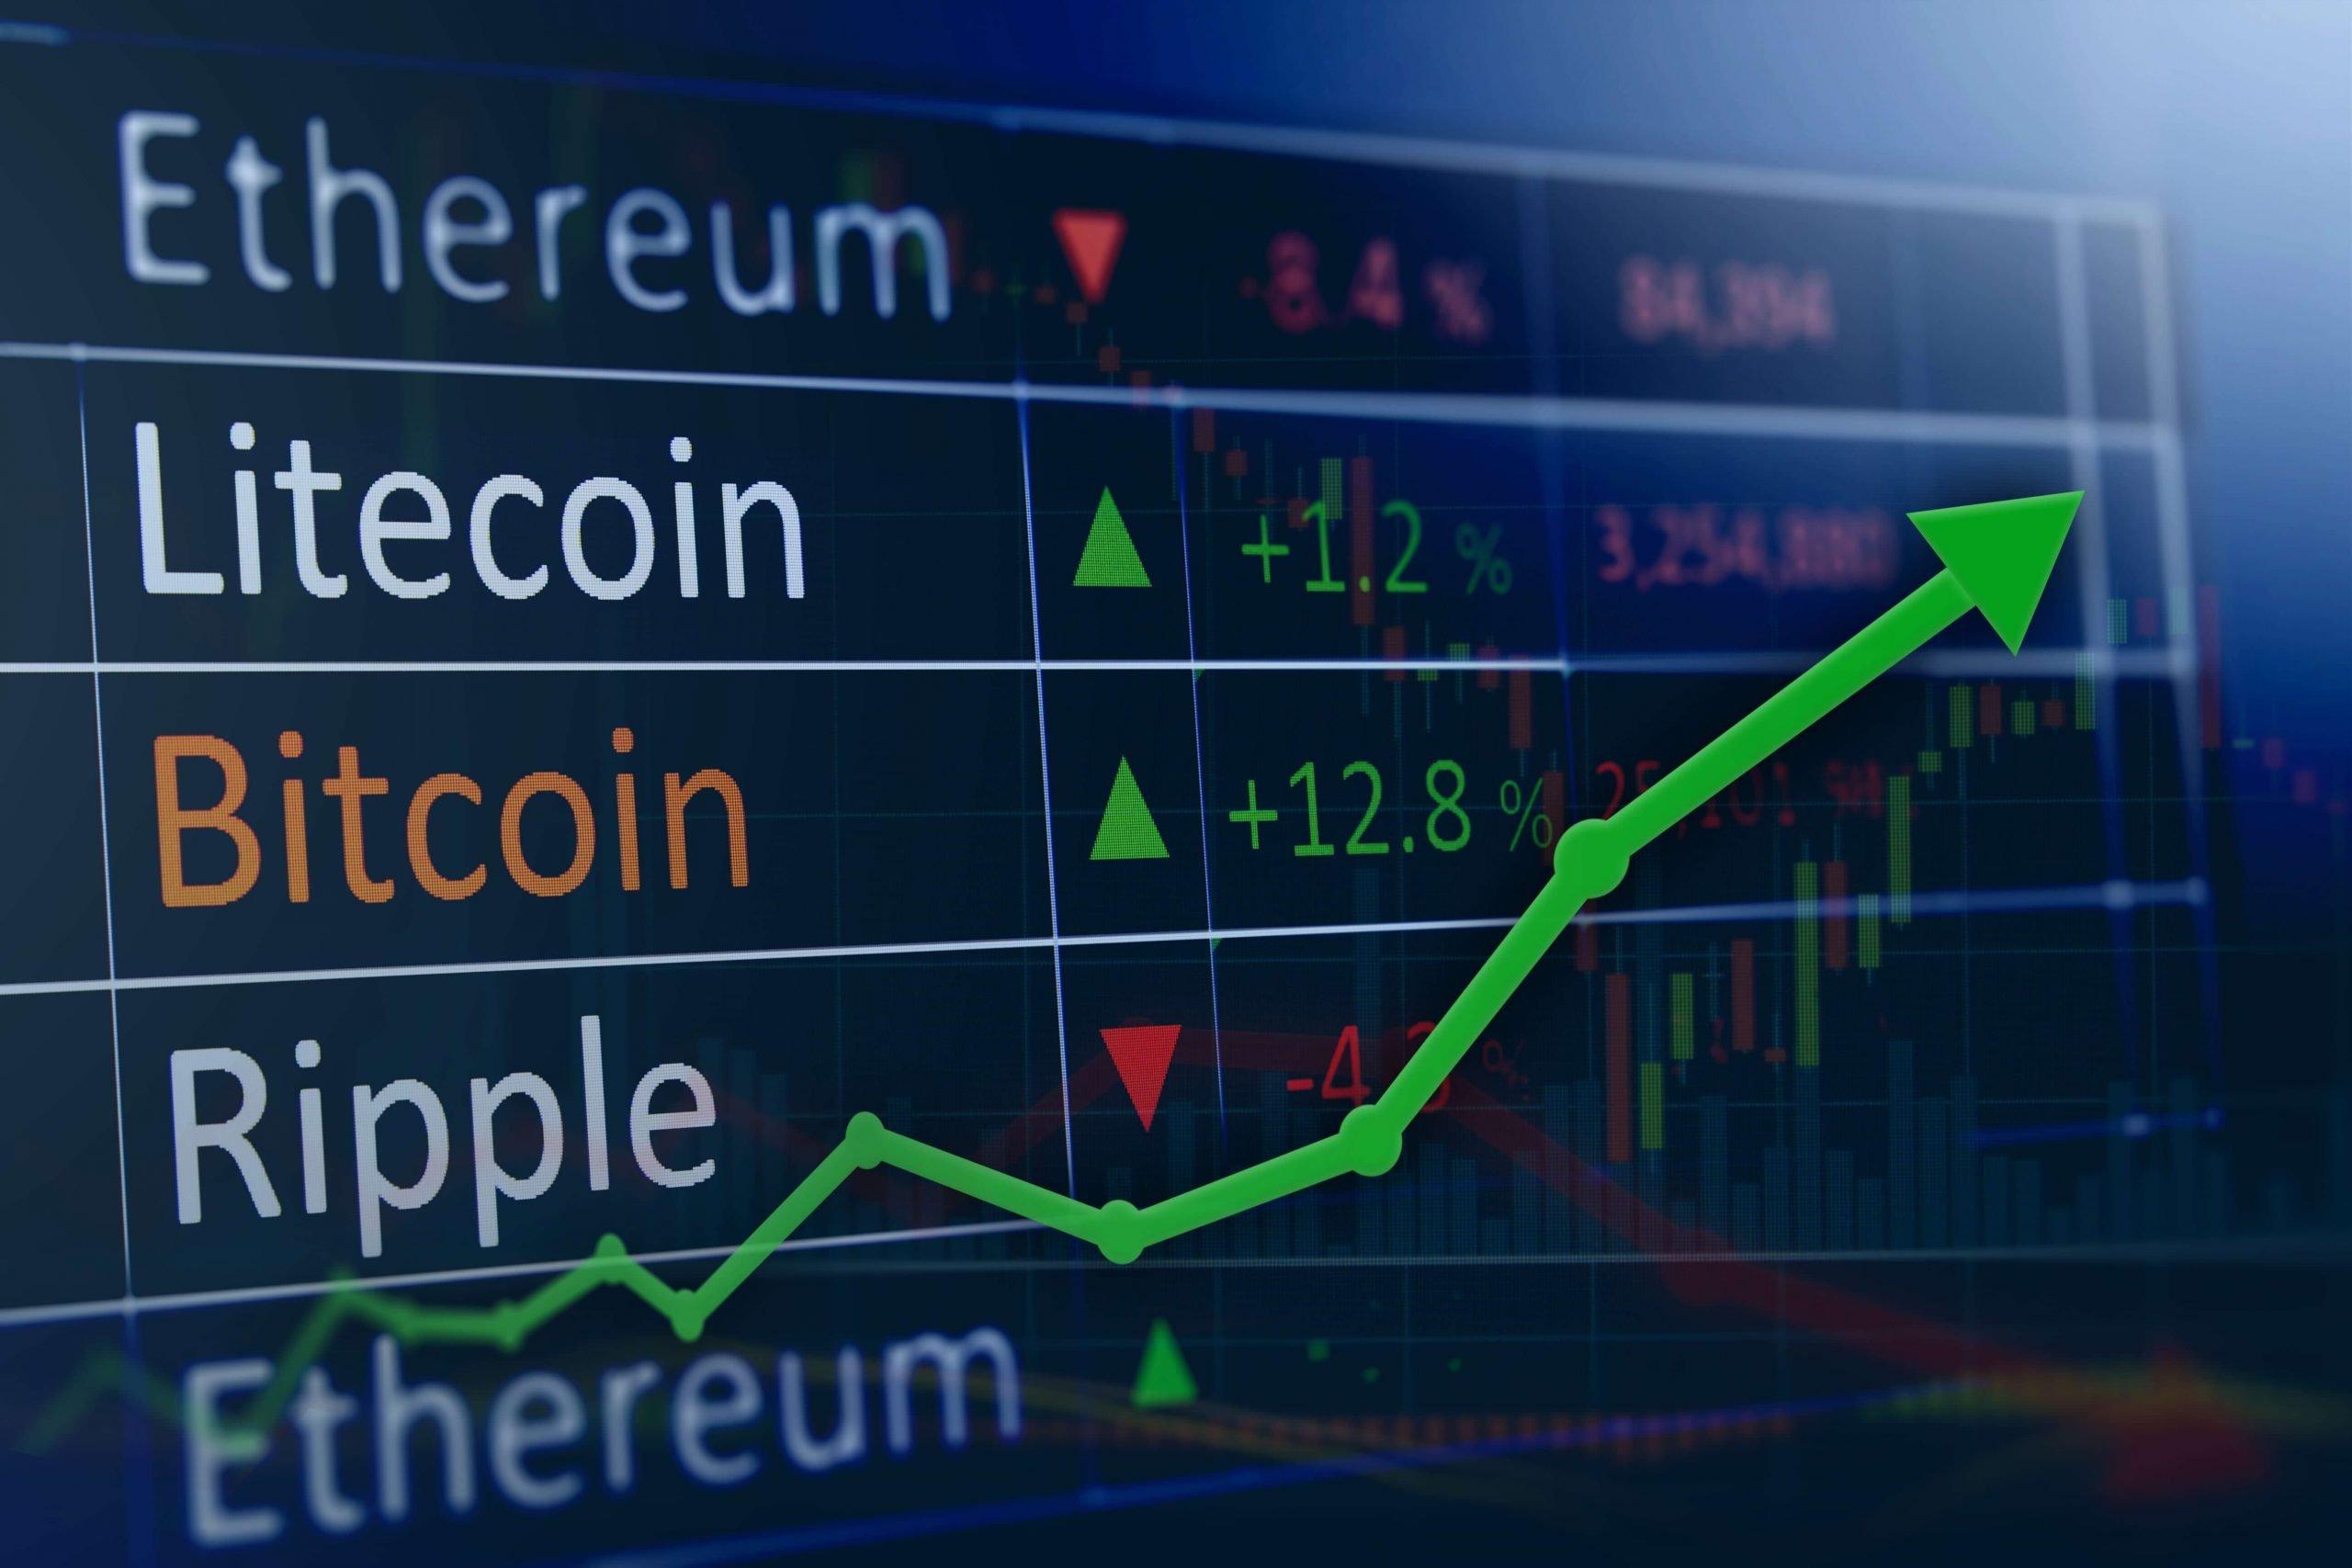 Teknik Analiz Nedir? Kripto Paralarda Teknik Analiz Nasıl Yapılır?